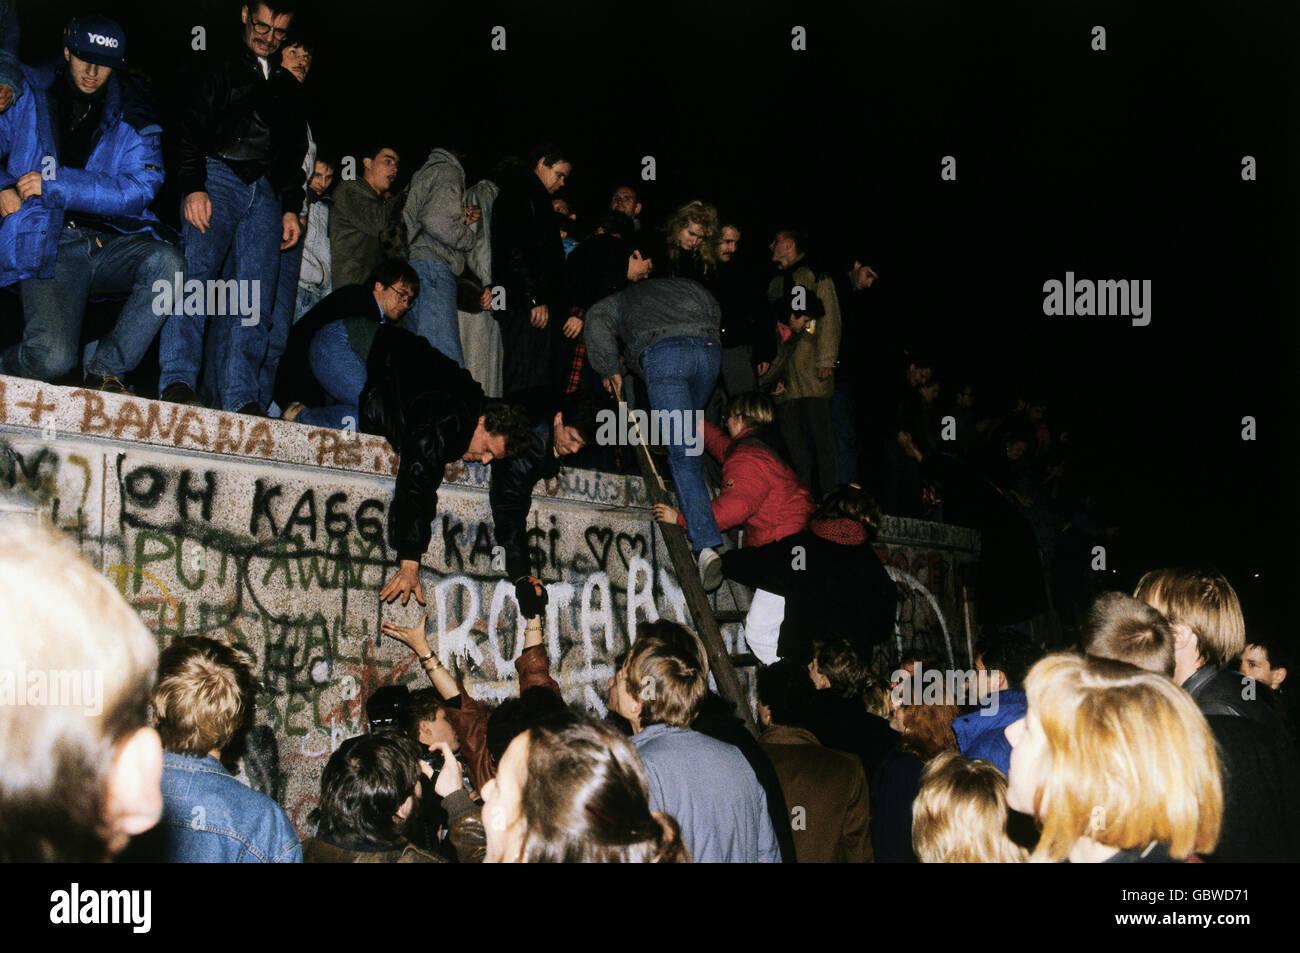 Geografia / viaggi, la Germania, la caduta del muro di Berlino, persone che salgono sul muro di Berlino, 9.11.1989, Immagini Stock